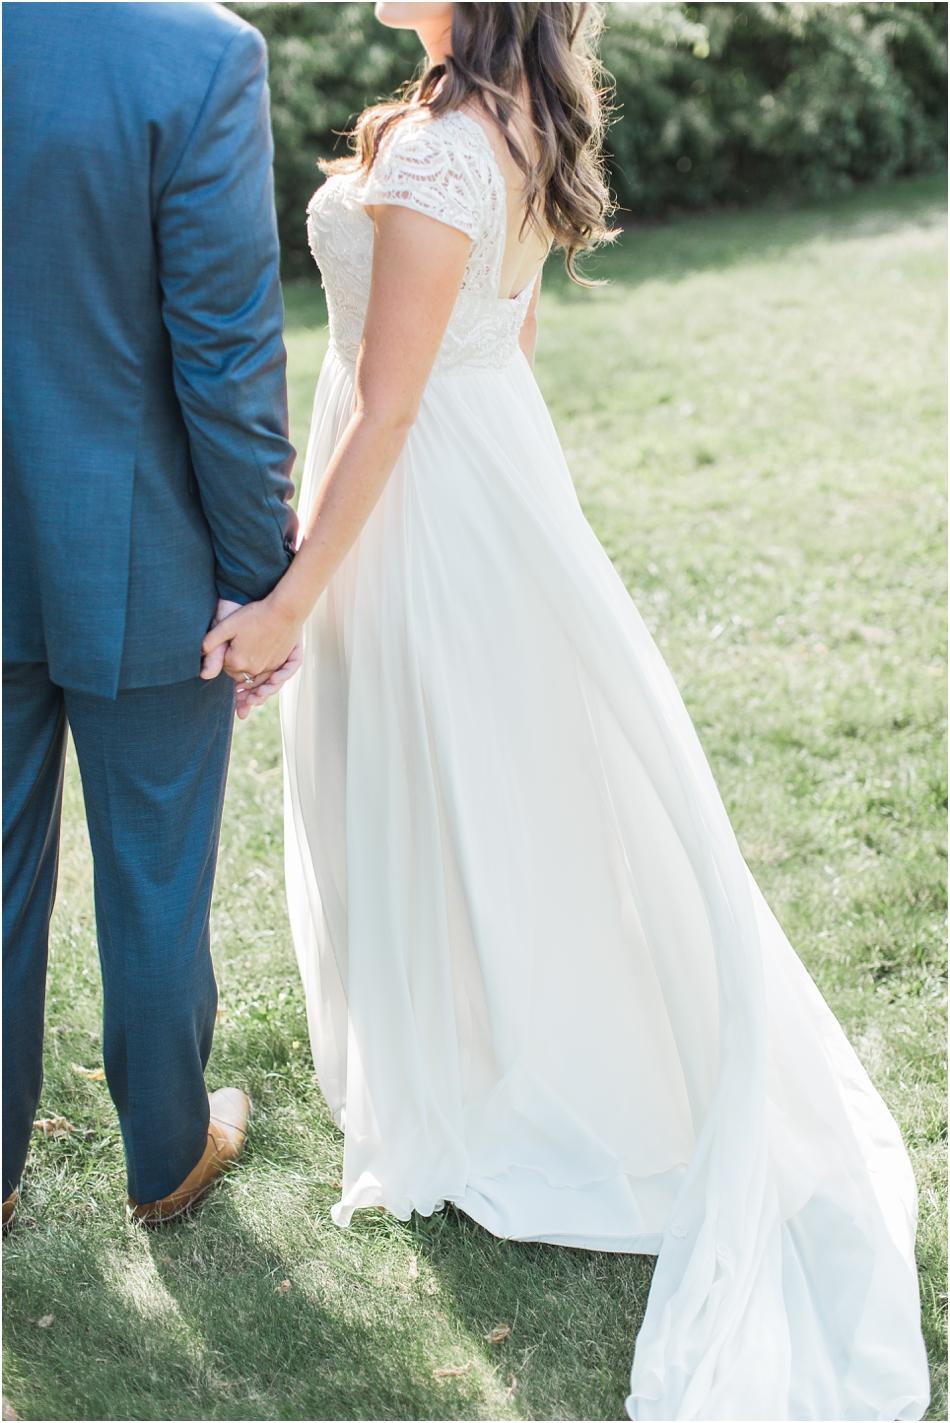 popponessett_inn_new_seabury_natasha_matt_cape_cod_boston_new_england_wedding_photographer_Meredith_Jane_Photography_photo_2427.jpg